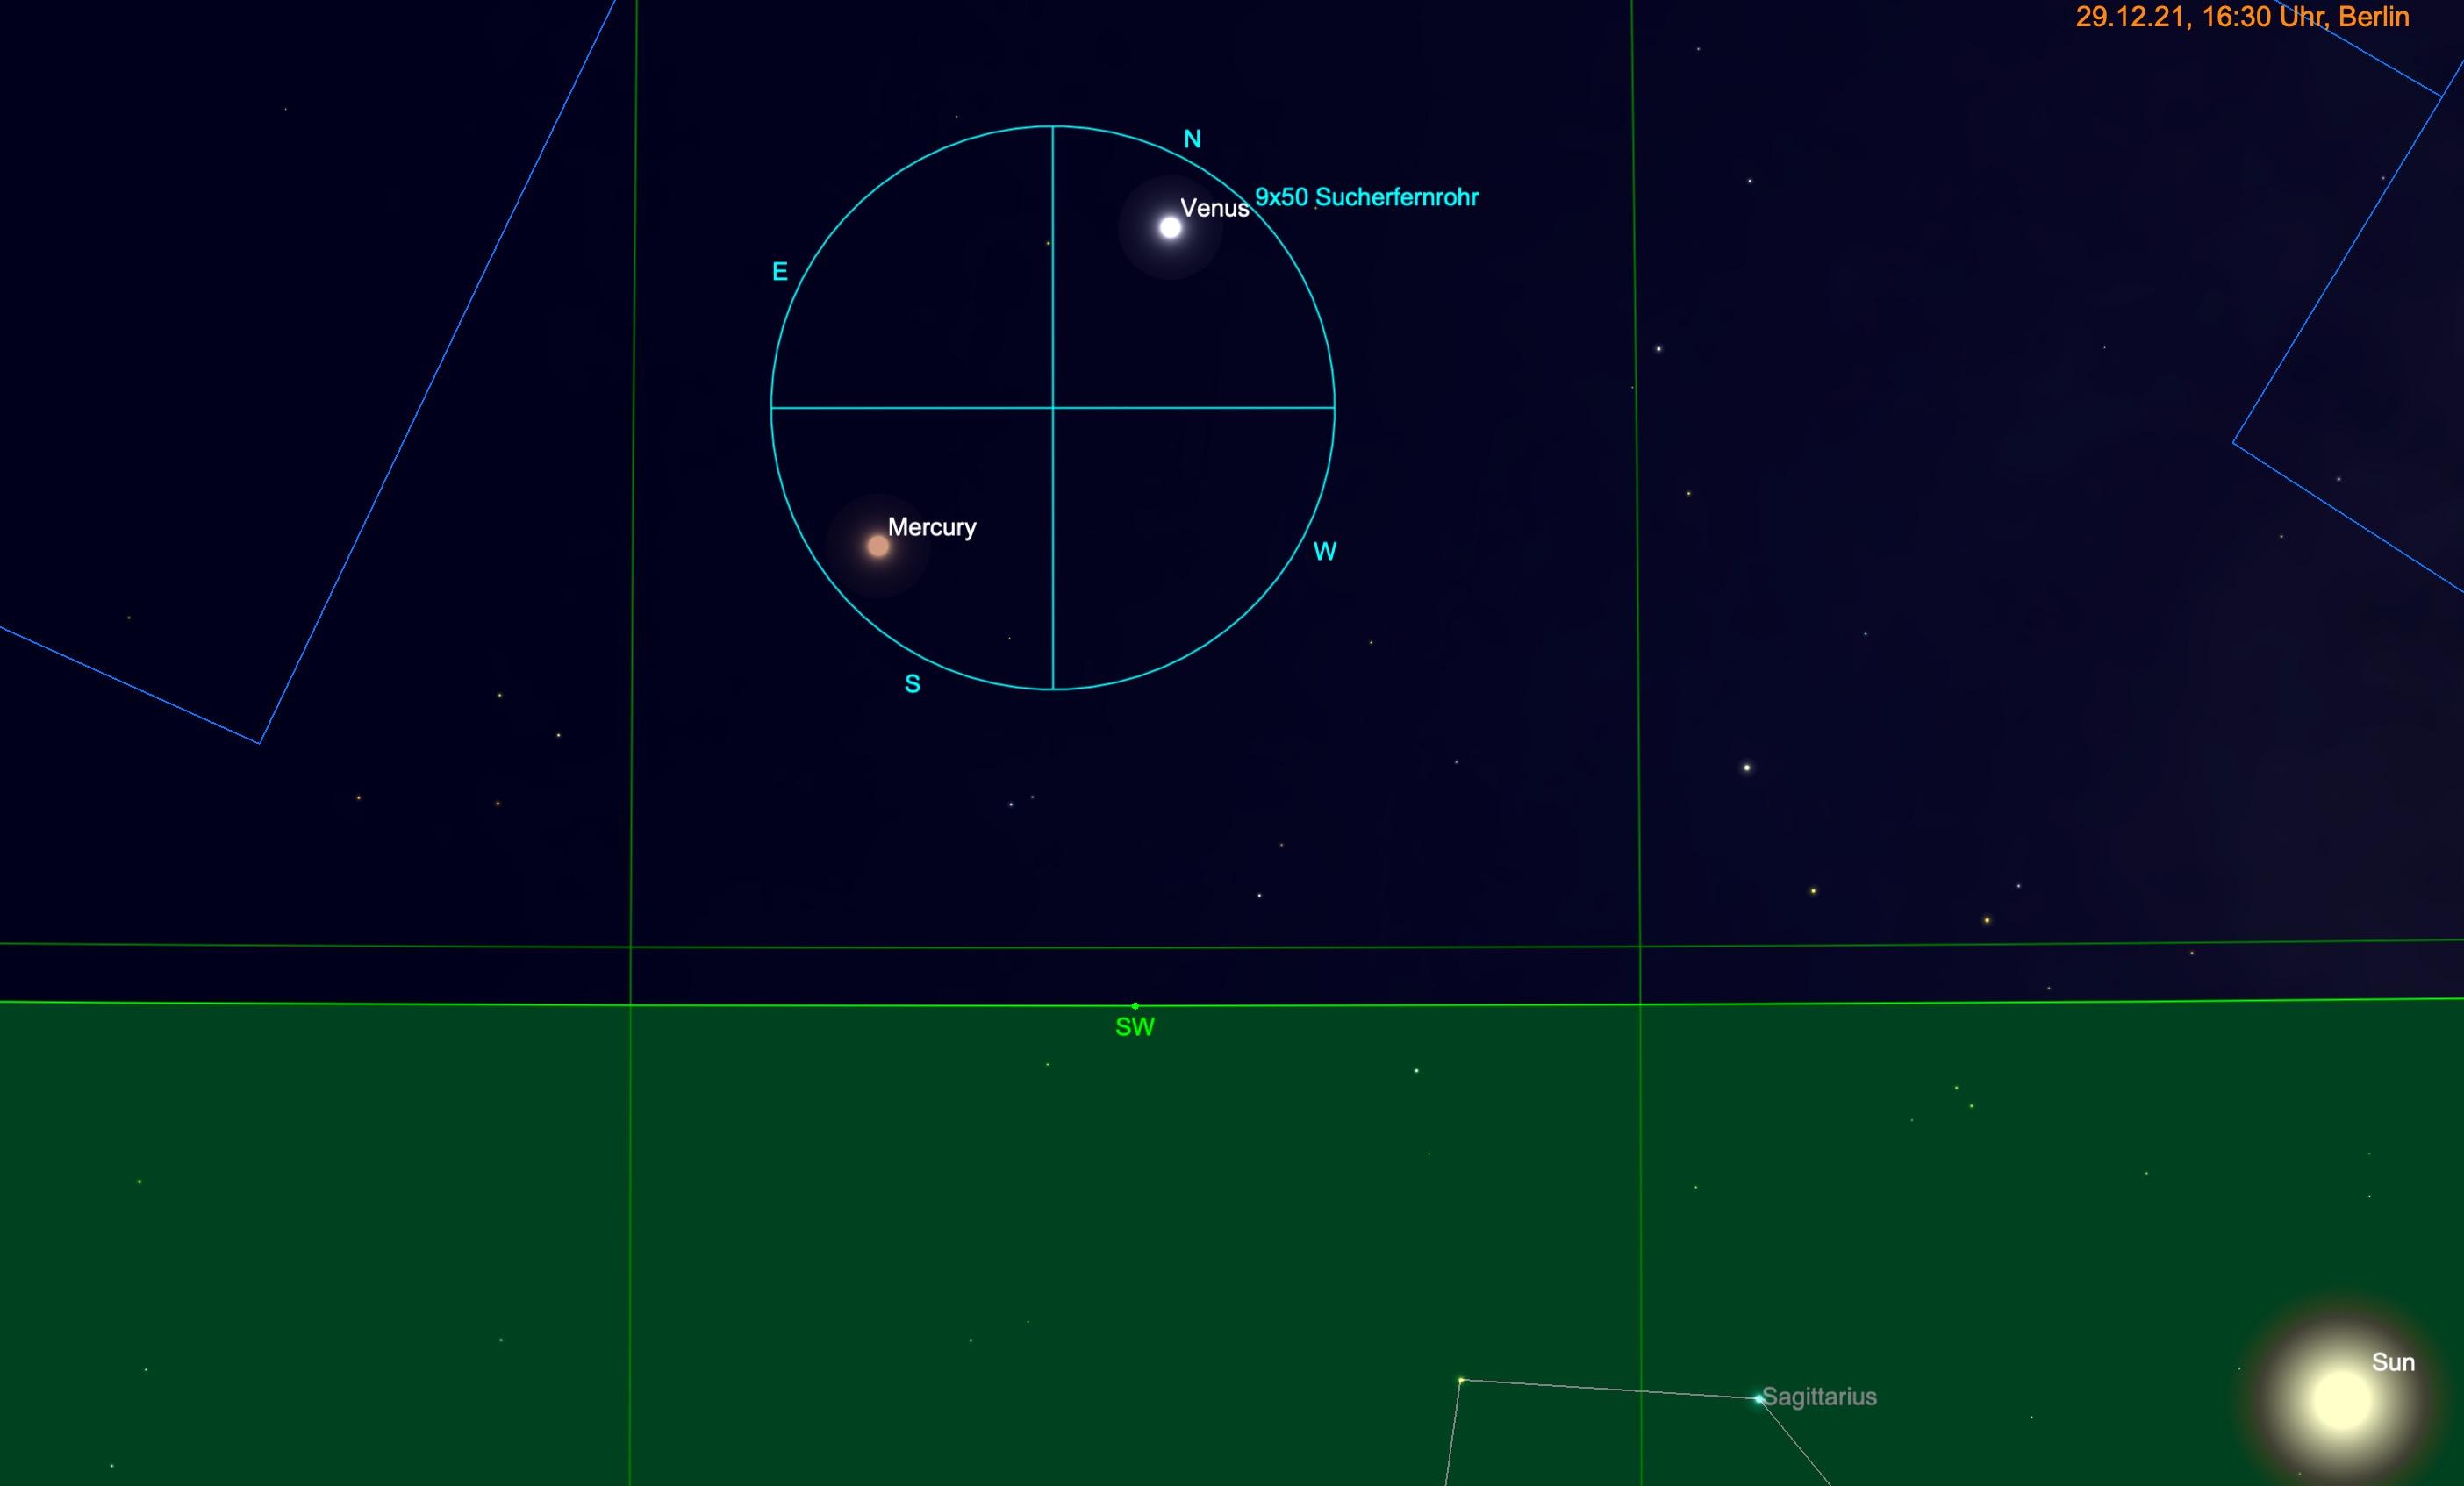 Merkur und Venus im Fernglas